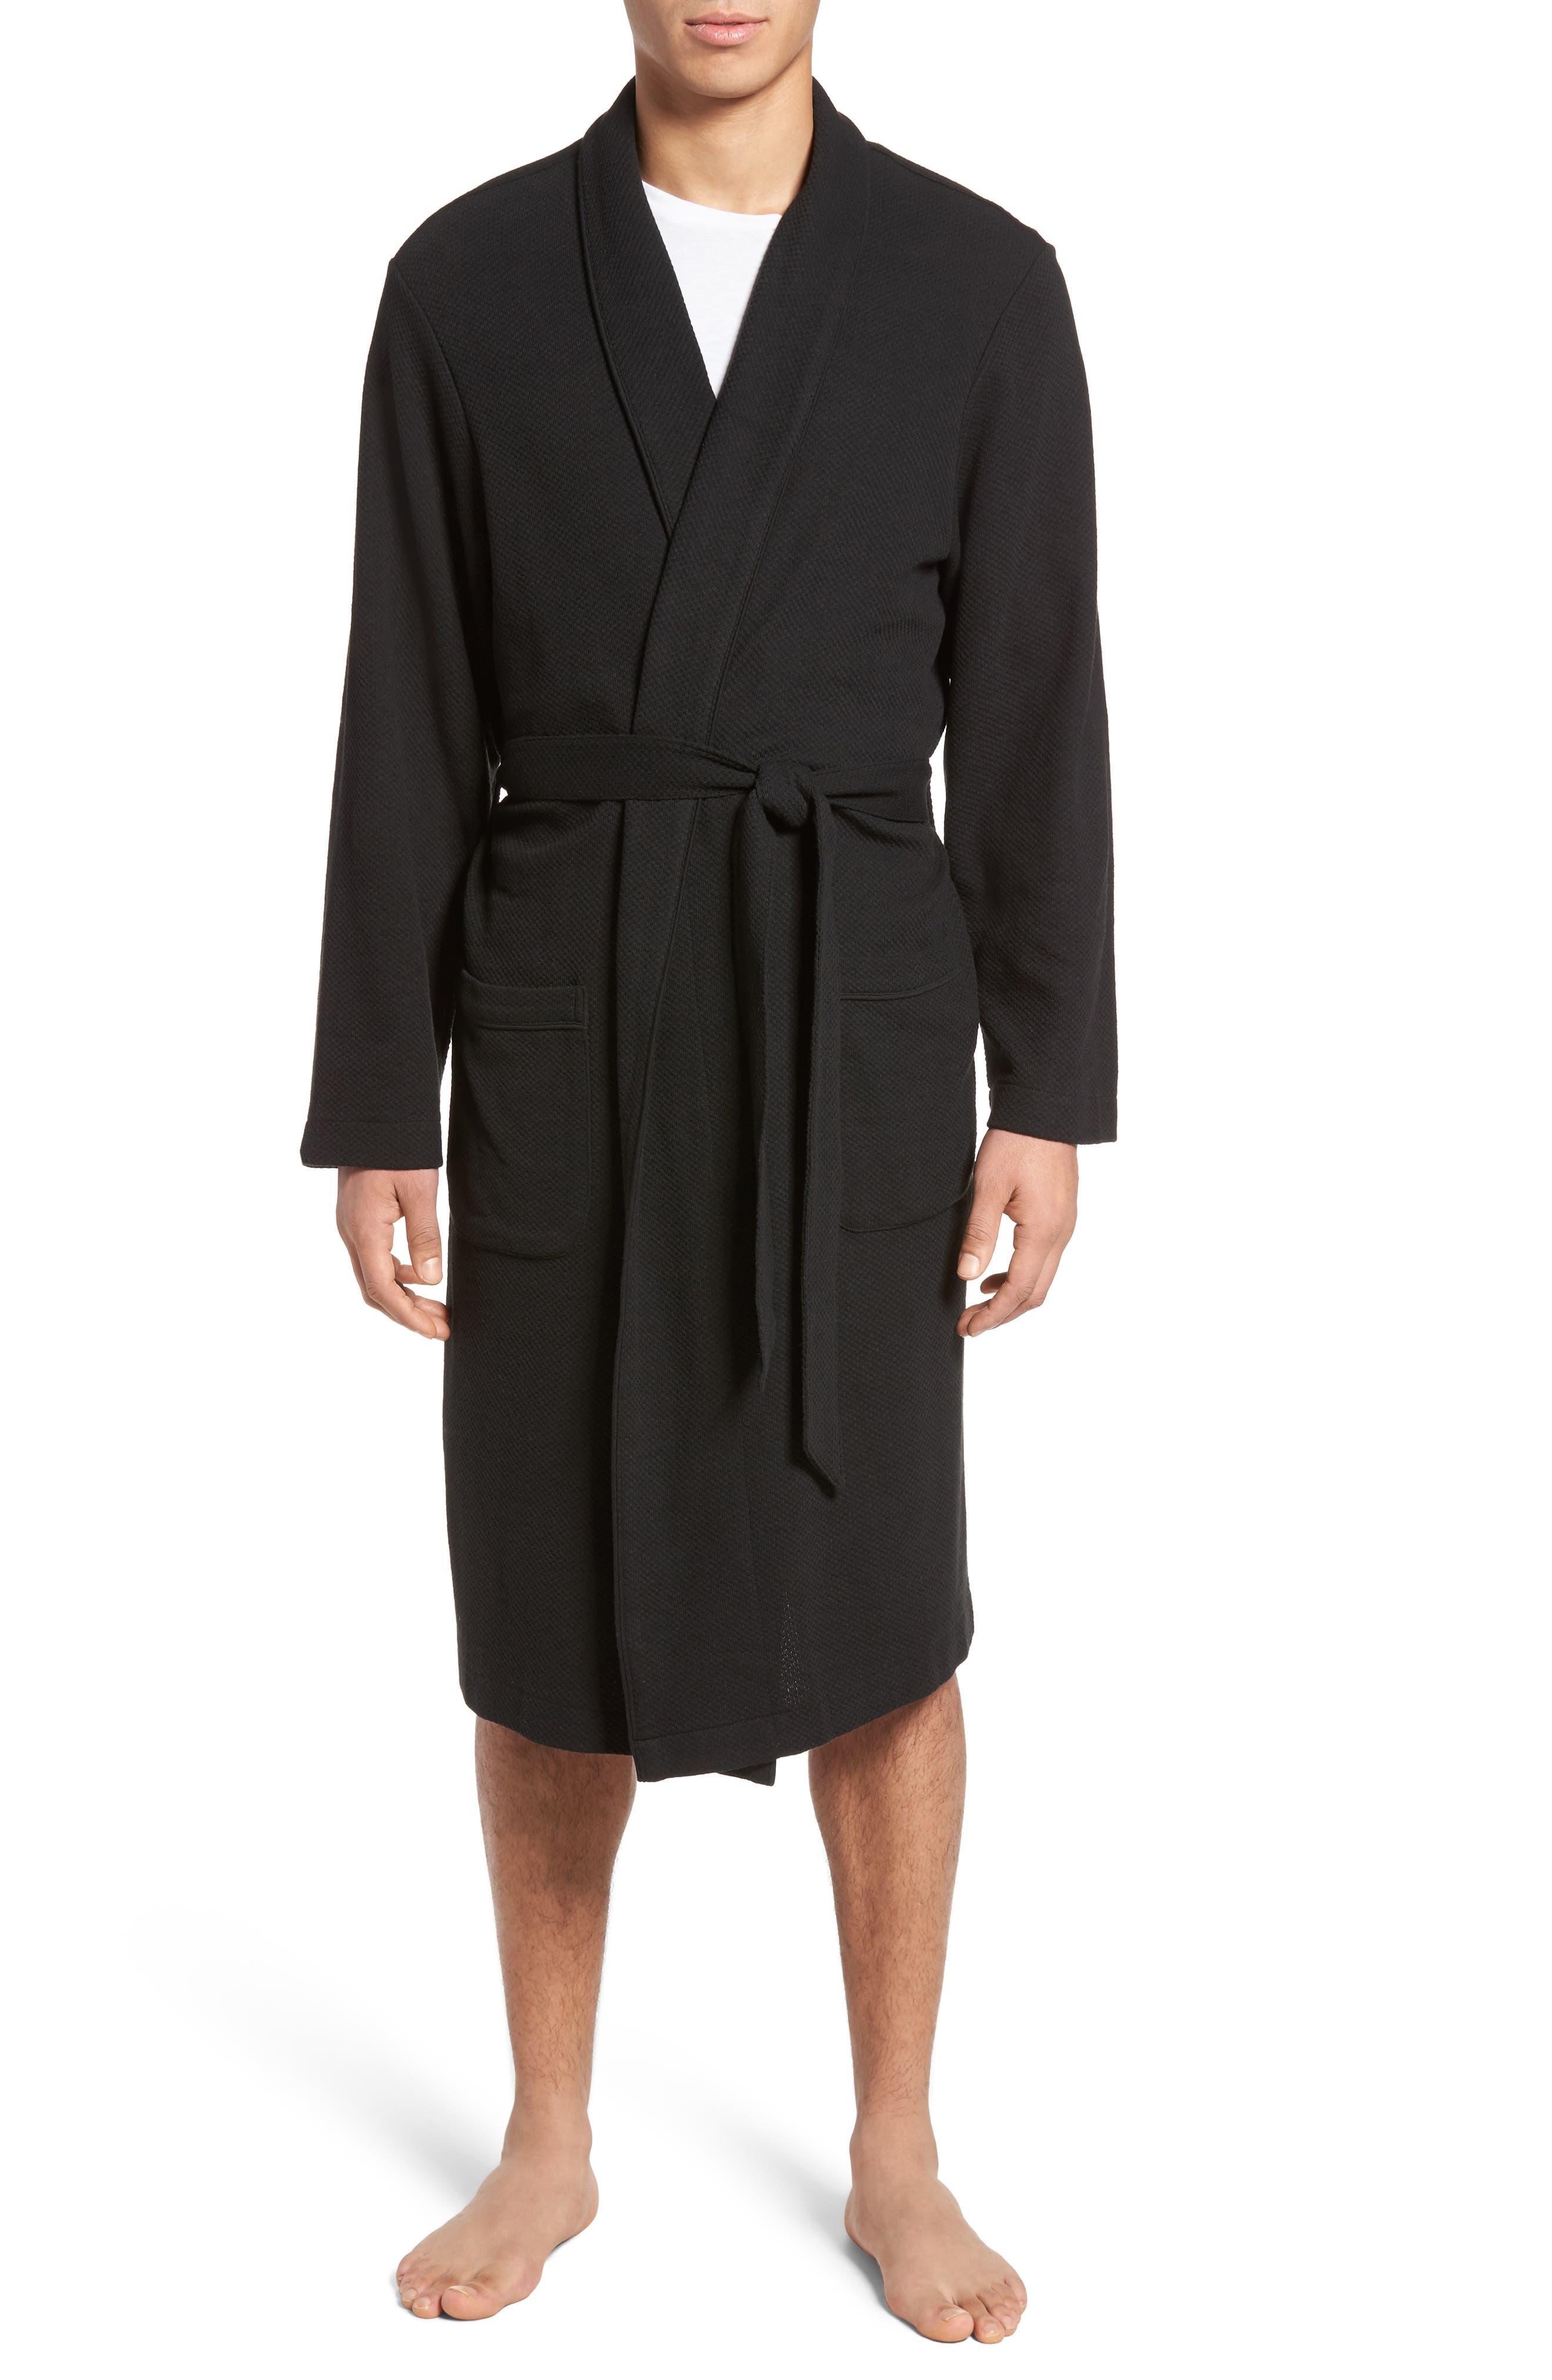 Thermal Robe,                             Main thumbnail 1, color,                             BLACK